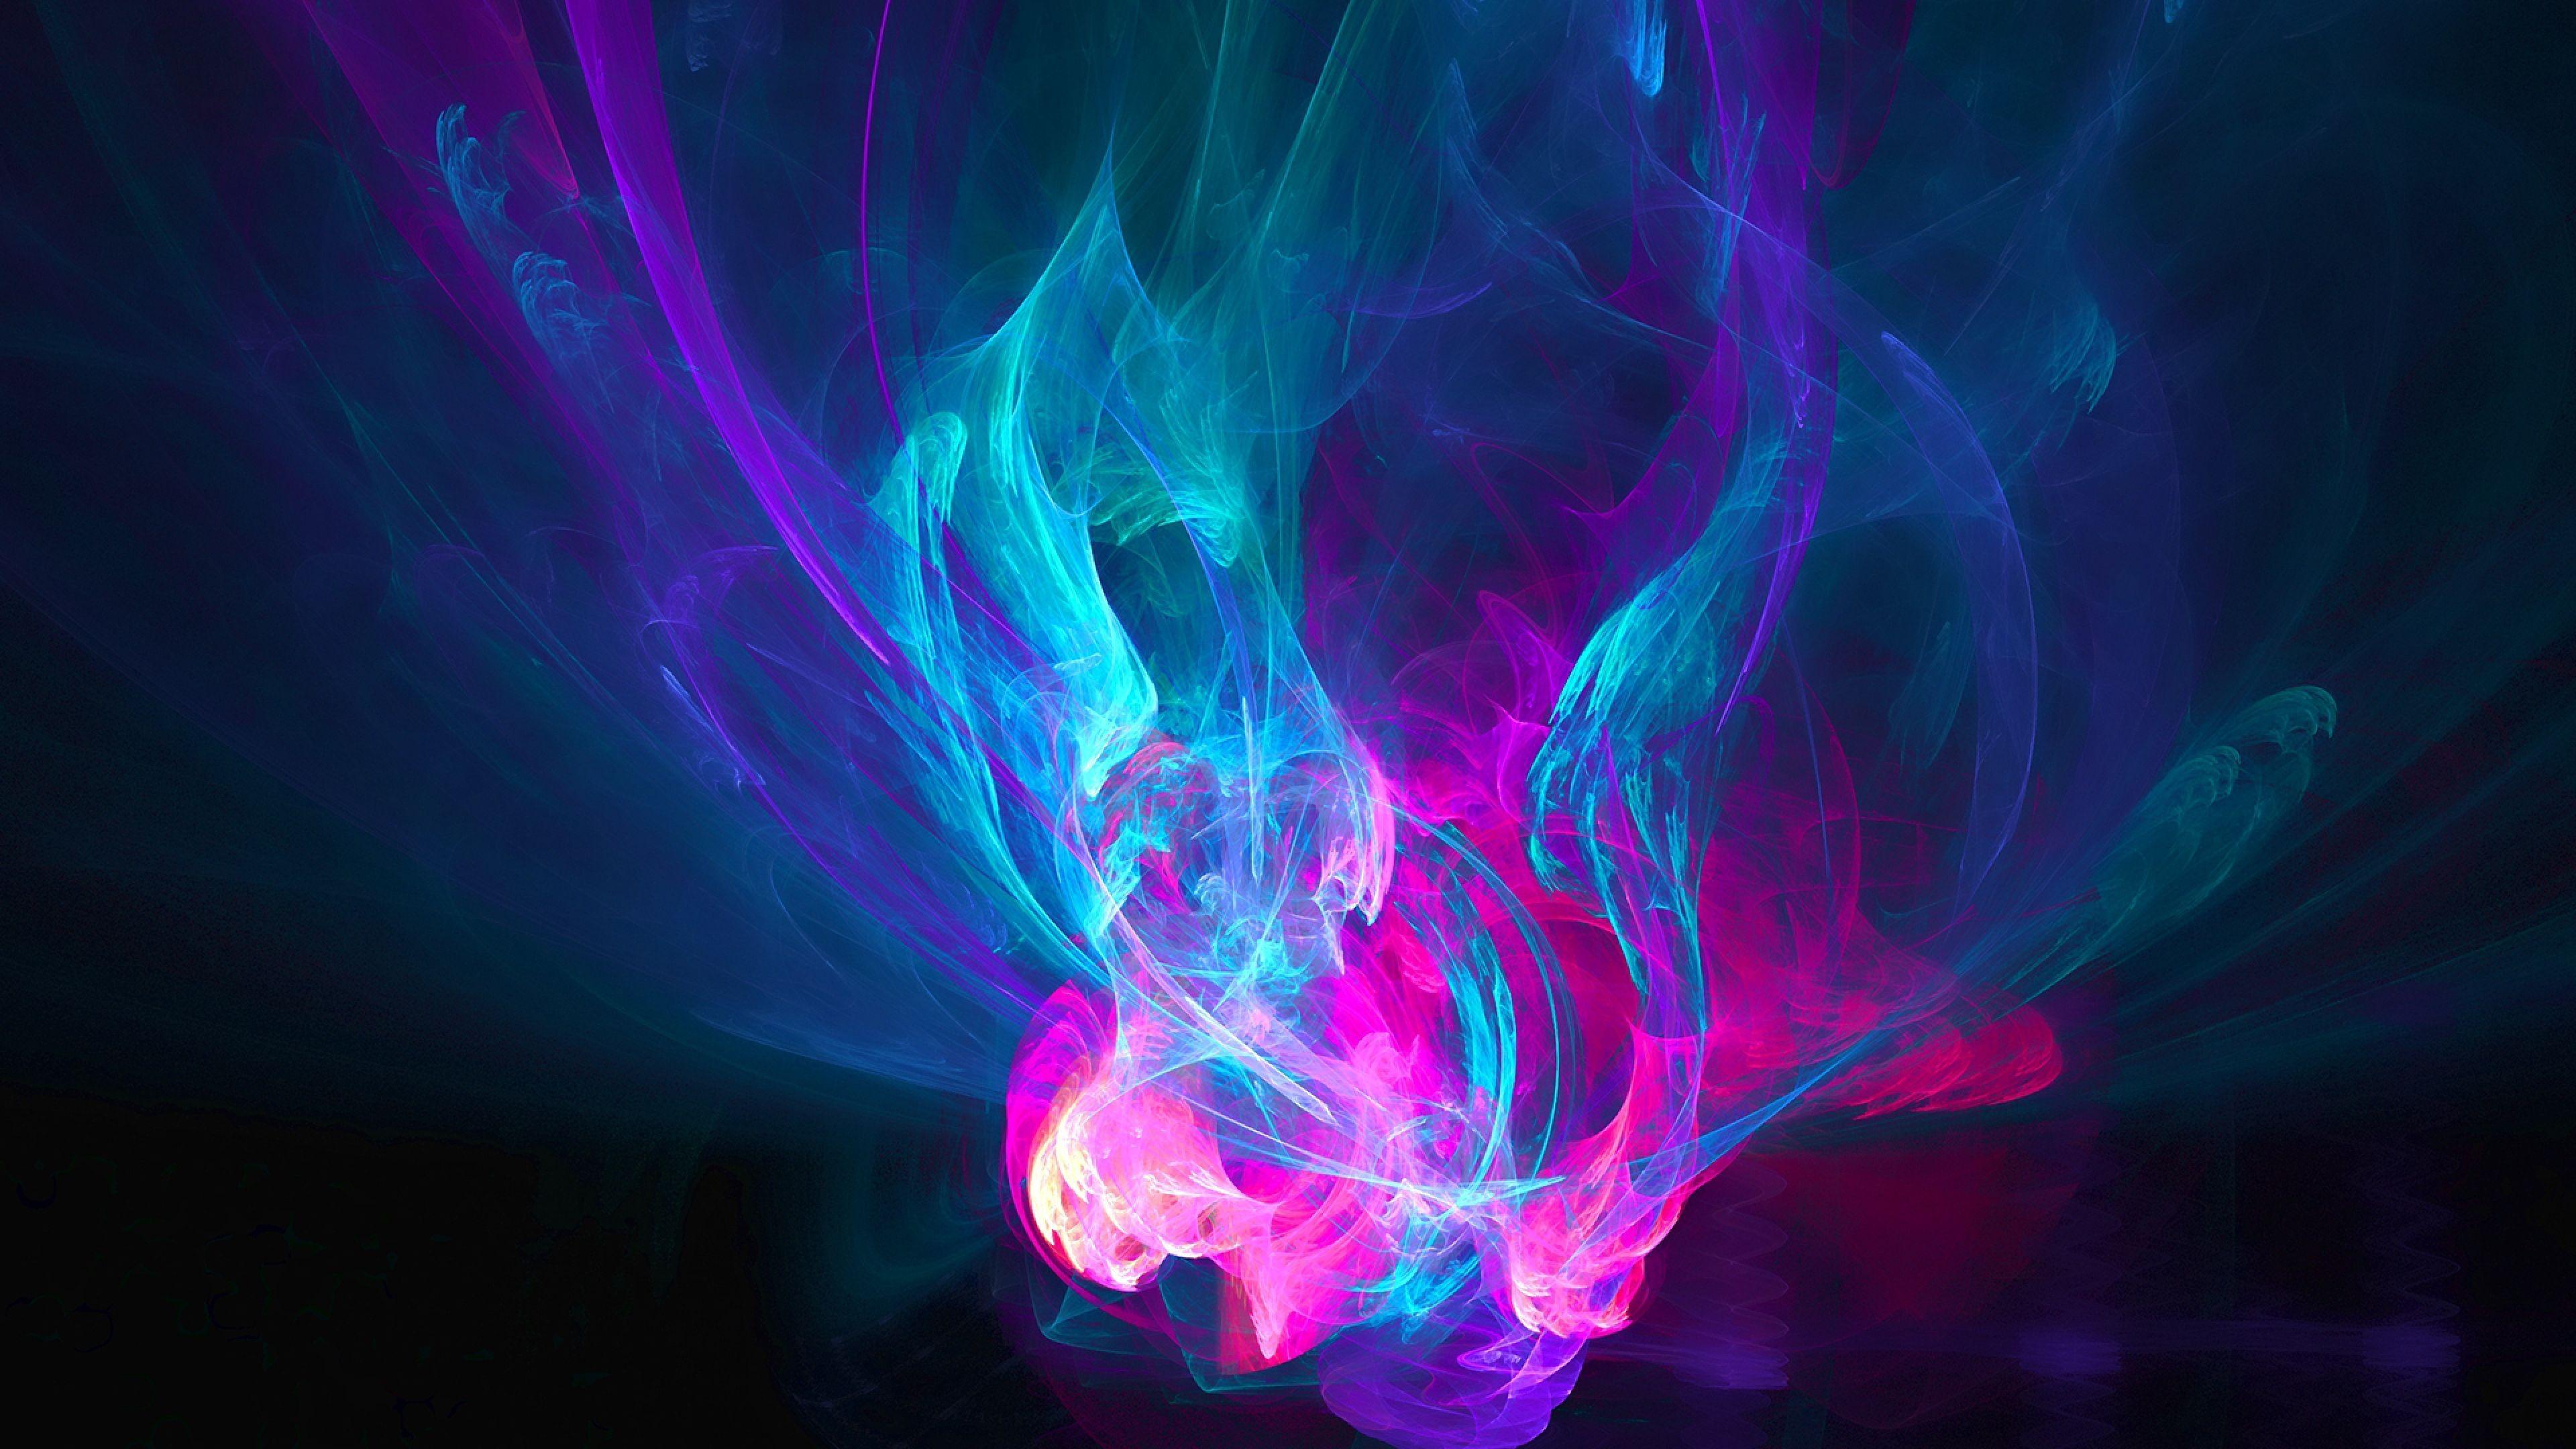 4k Violet Wallpapers Top Free 4k Violet Backgrounds Wallpaperaccess Blue Background Wallpapers Digital Wallpaper Blue Backgrounds